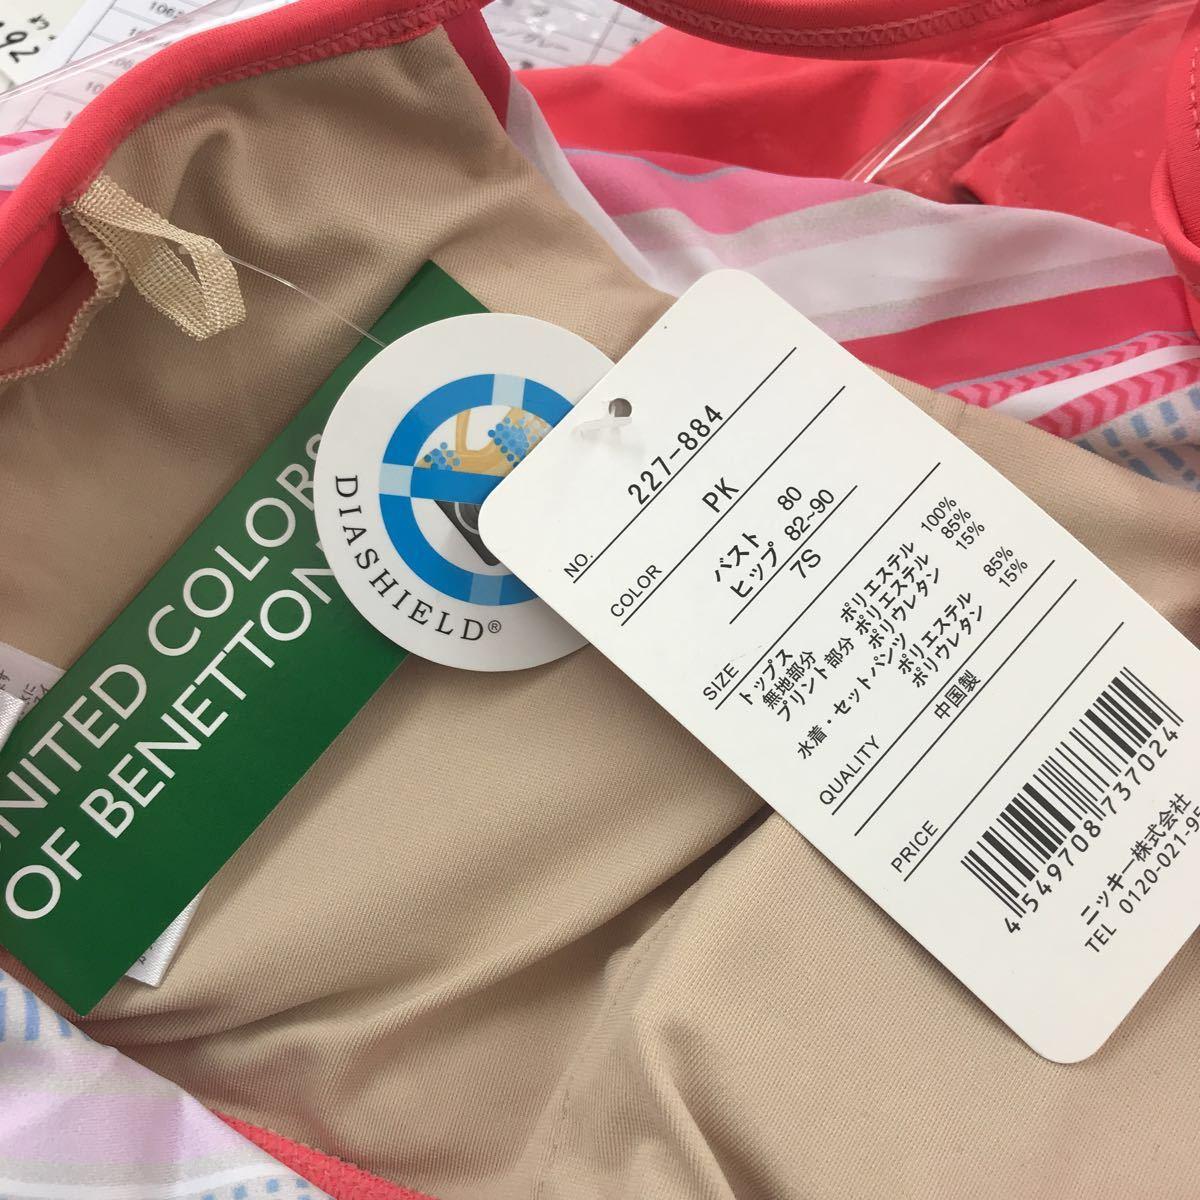 10587 新品 ベネトン BENETTON オレンジ Tシャツ付き フレアビキニフレアーショートパンツ4点セット レディース 水着 7号  体型カバー_画像7